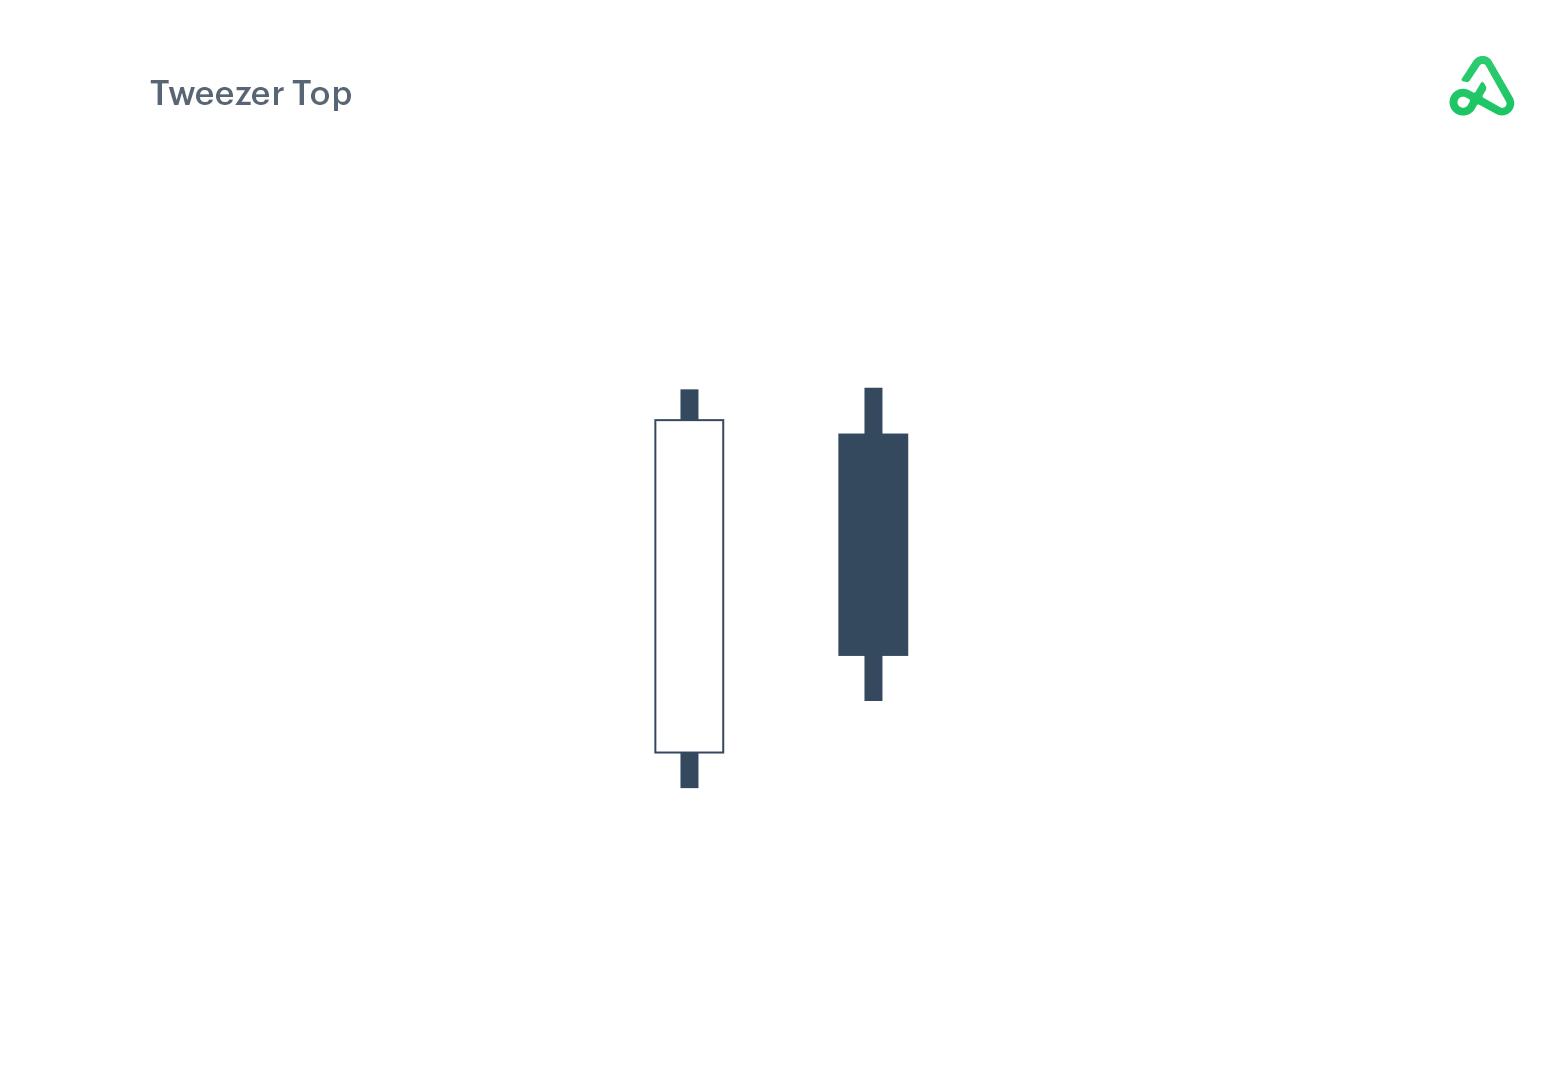 Tweezer Top example image